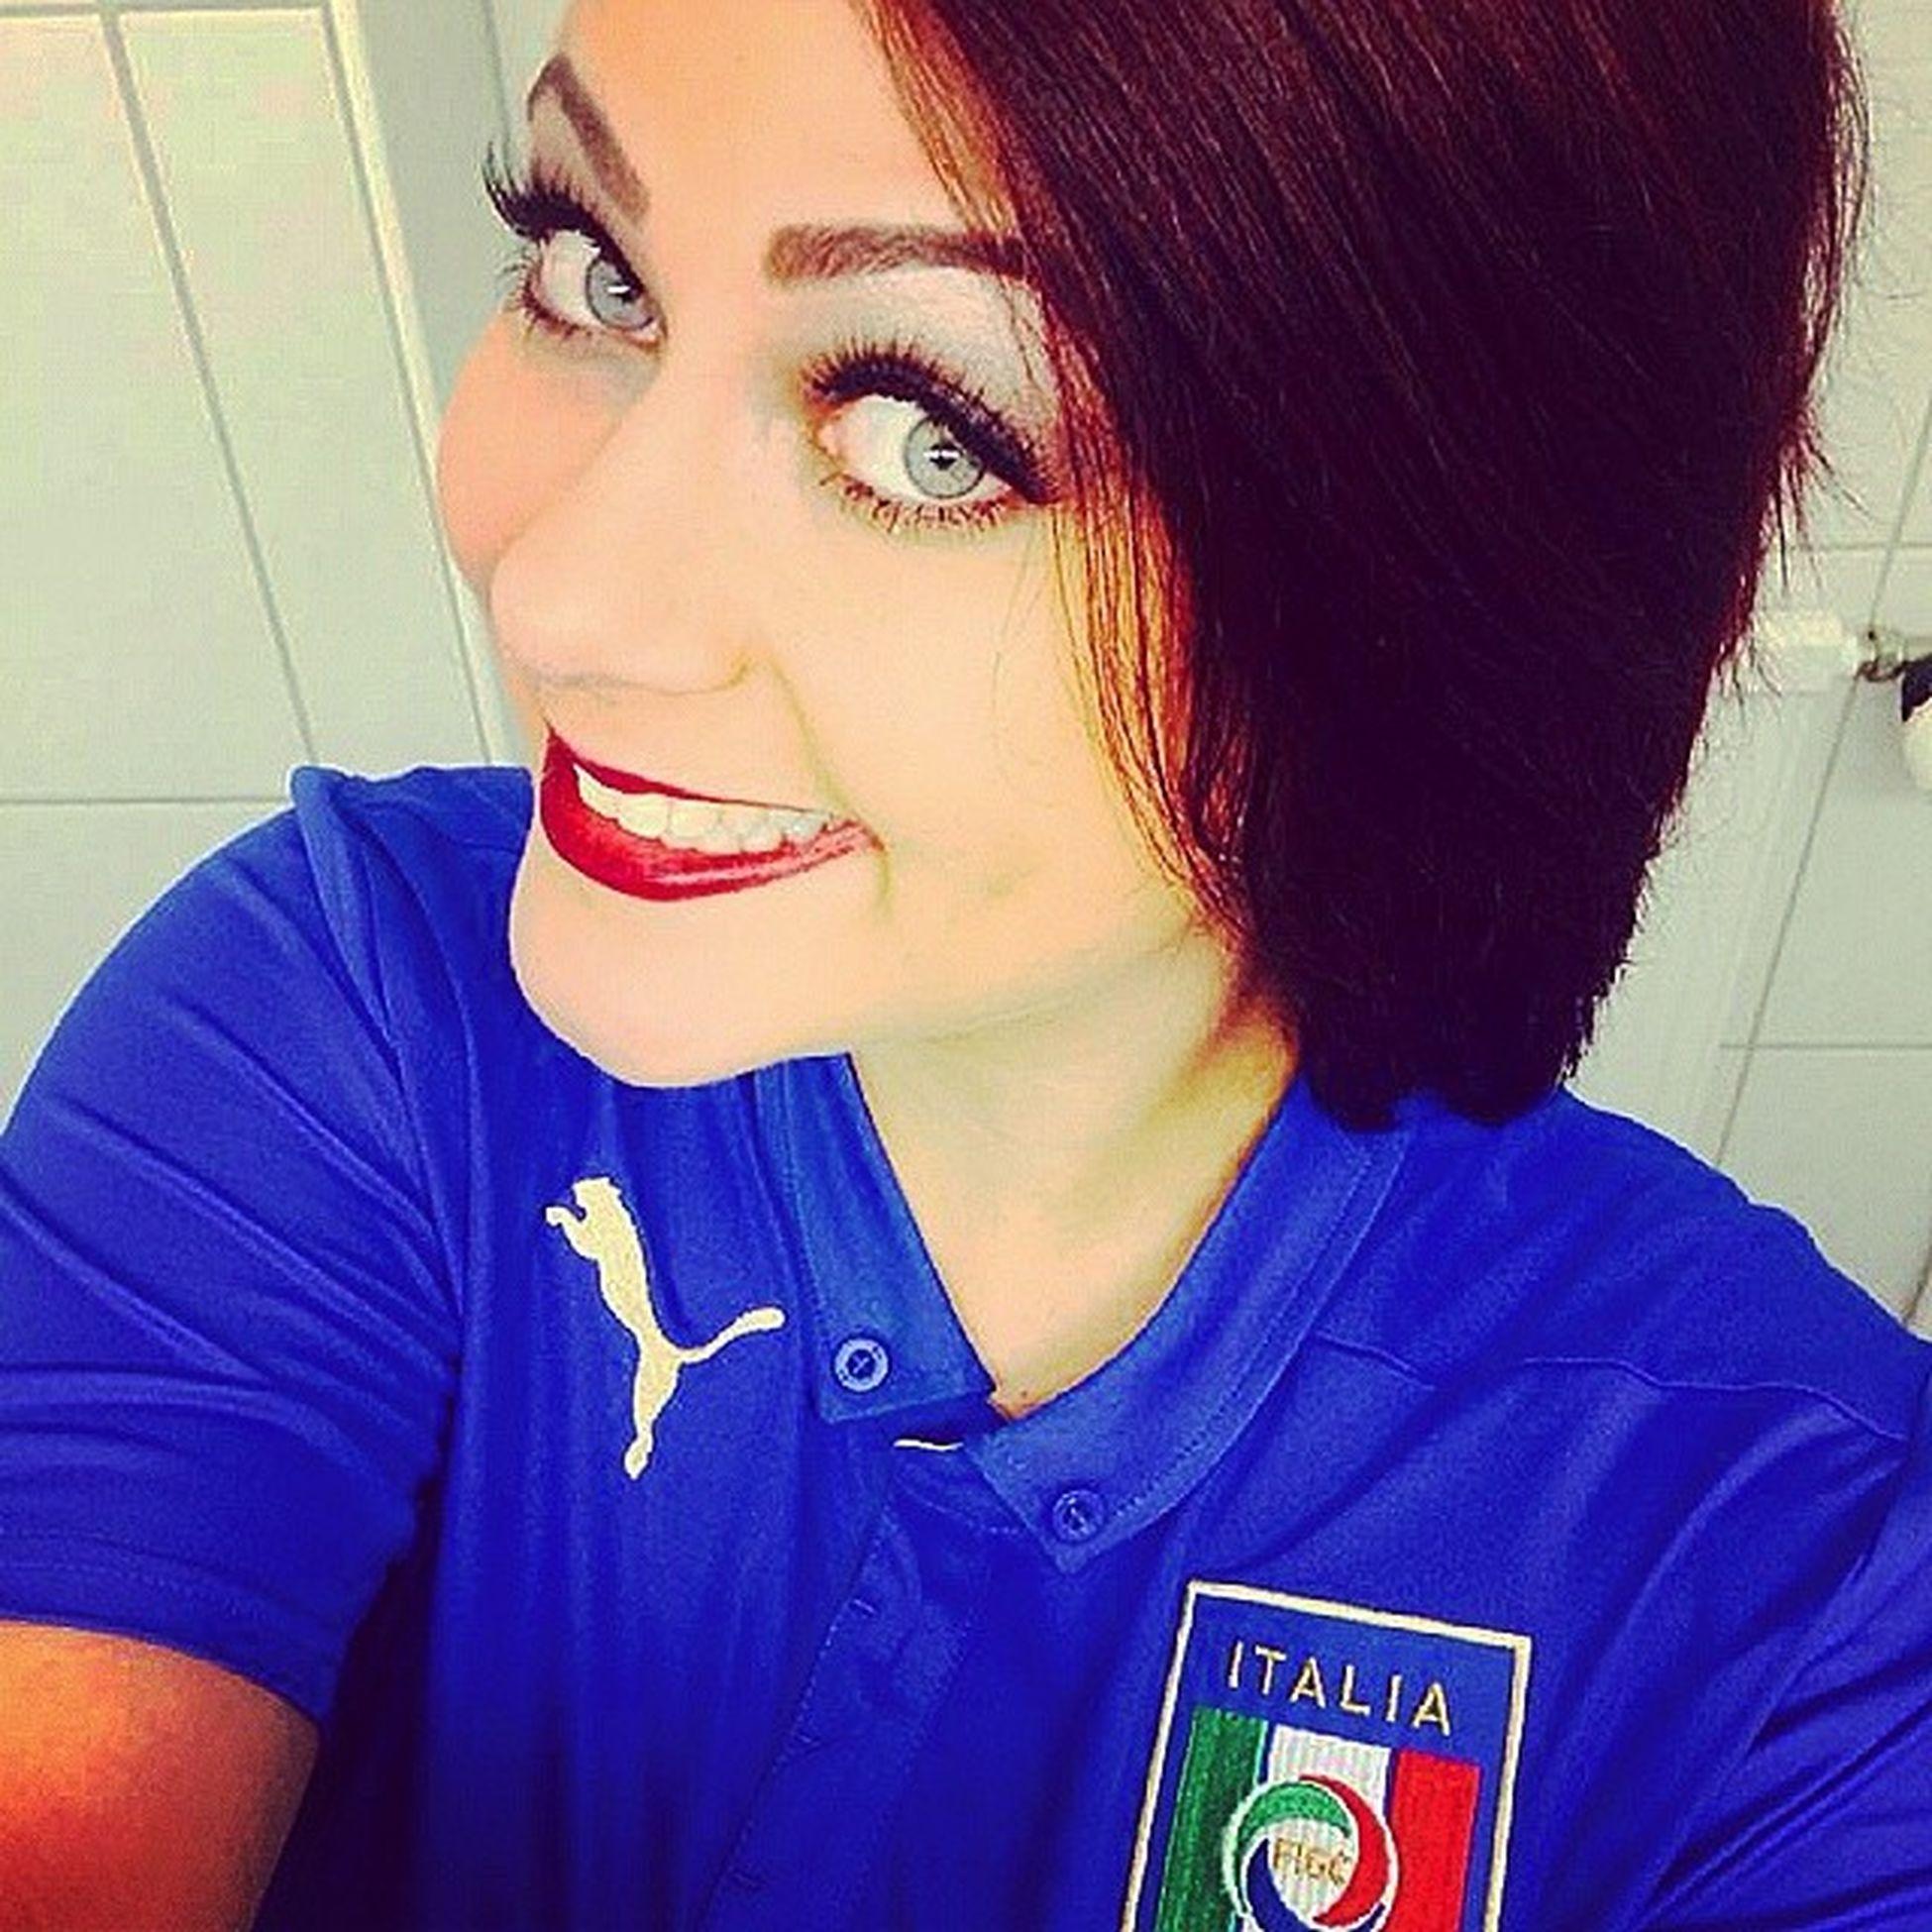 Italiano Forsa Brazil Mondo bouffopalermo italiano tunisino panamera adidas football